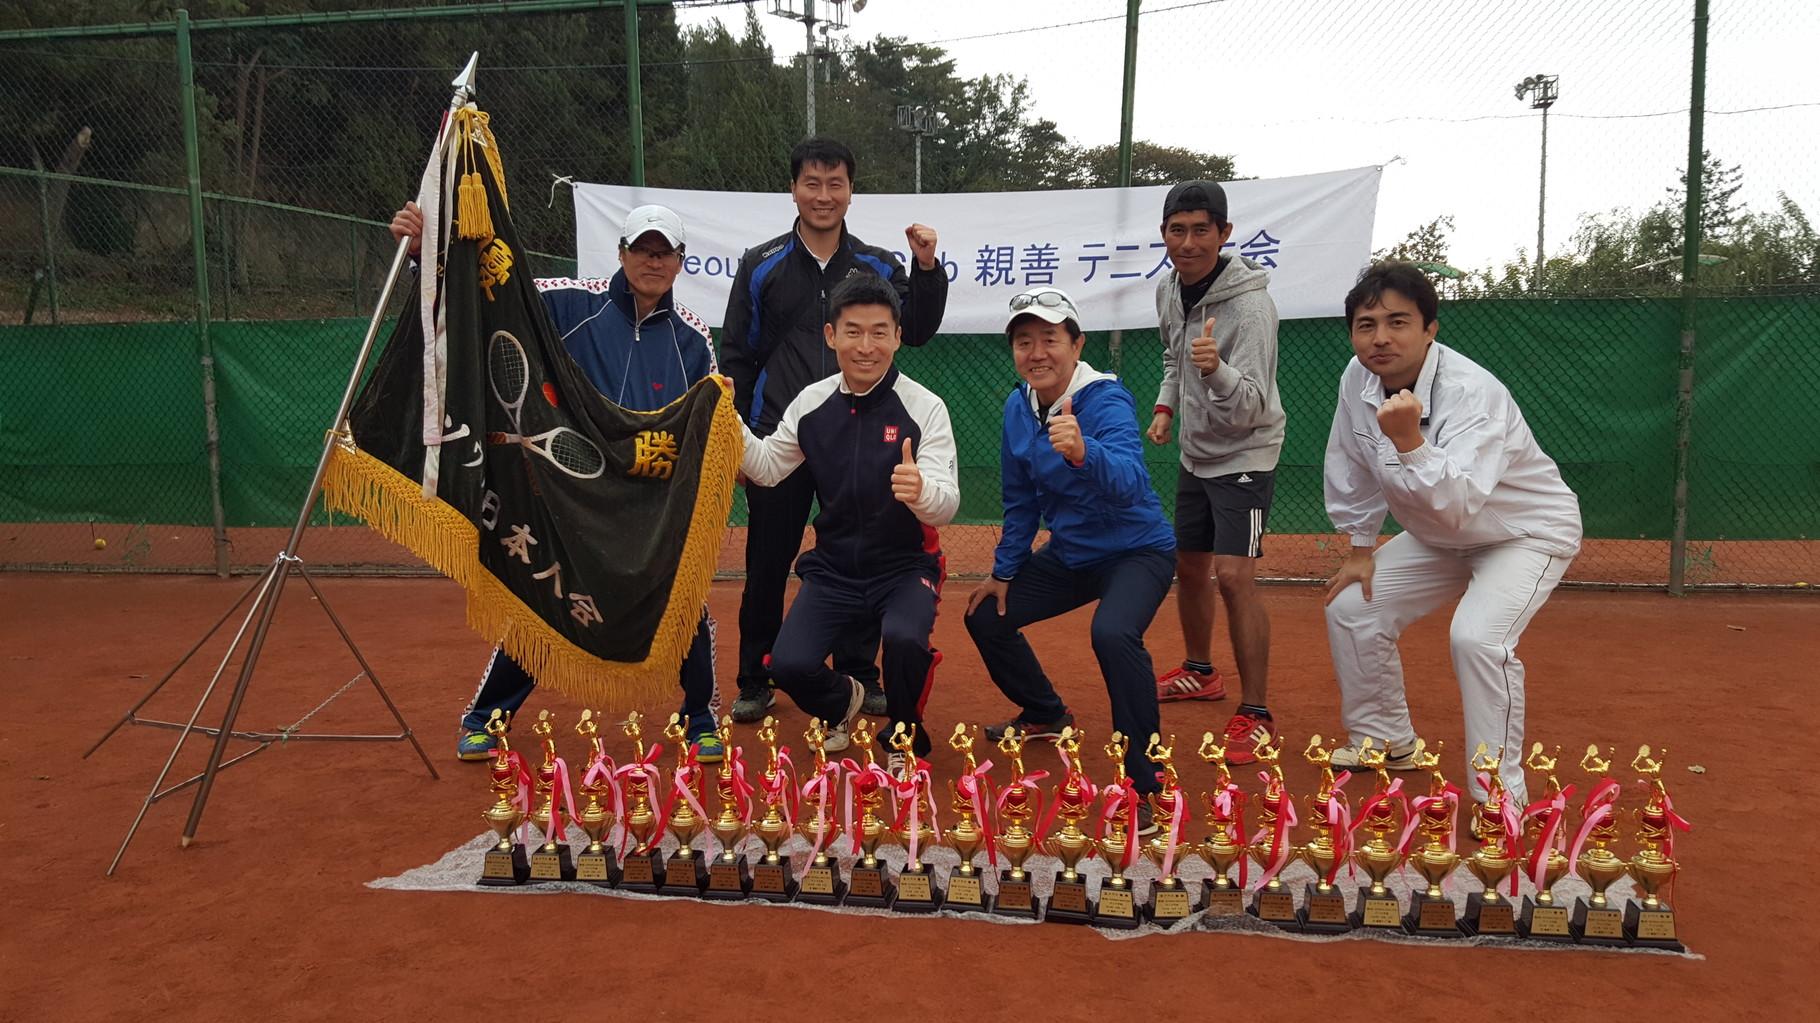 Aクラス・チームKei 優勝おめでとうございます!